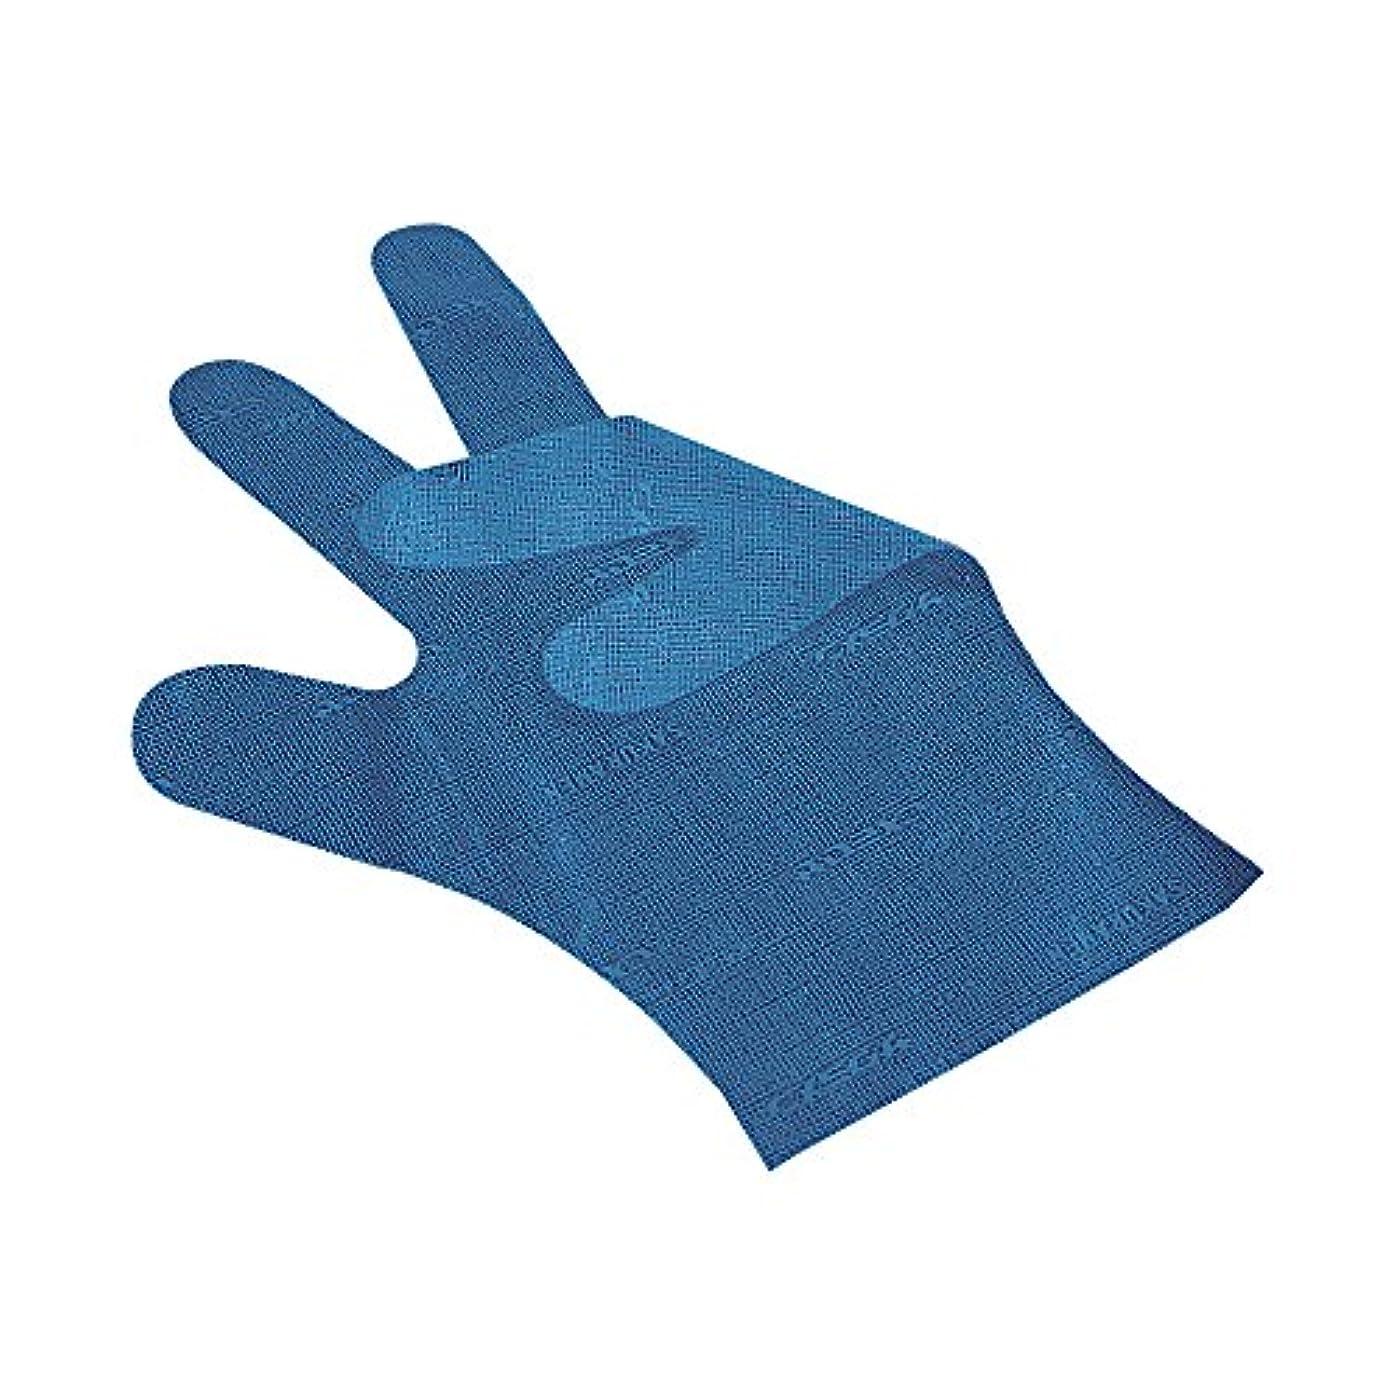 昇るサミュエル清めるサクラメンエンボス手袋 デラックス ブルー M 100枚入